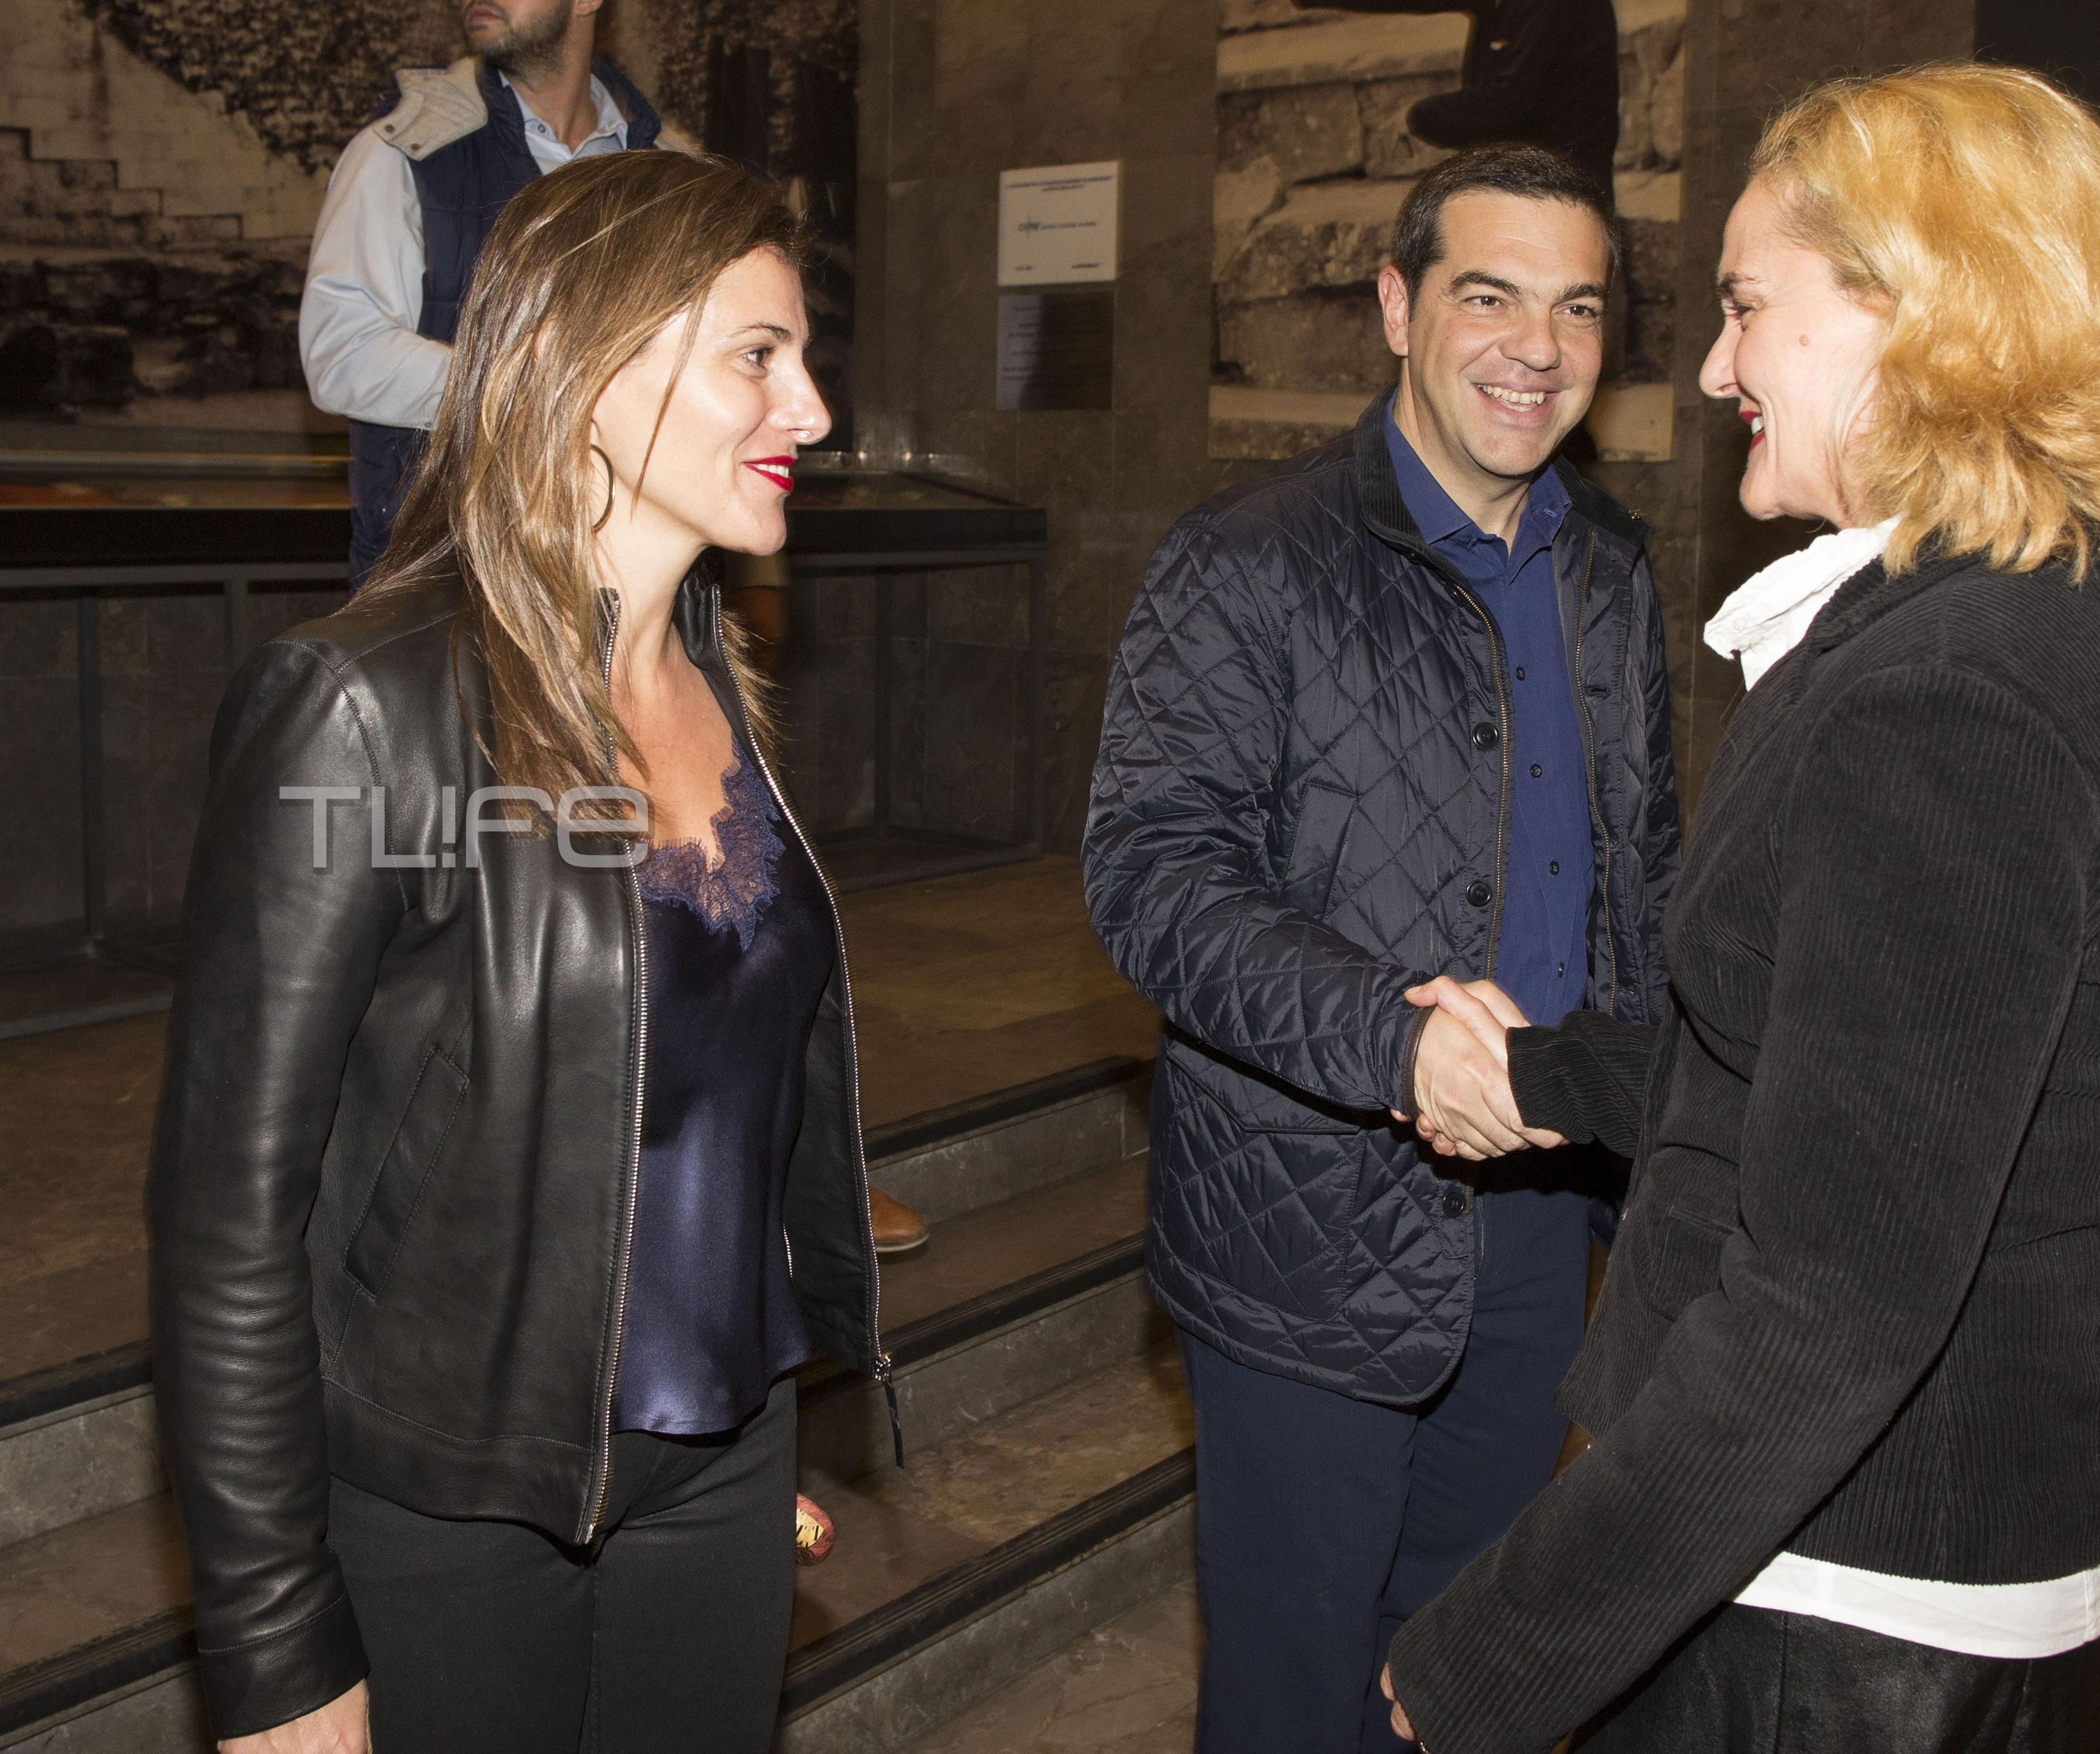 Αλέξης Τσίπρας – Μπέττυ Μπαζιάνα: Με casual look στο θέατρο! Φωτογραφίες | tlife.gr